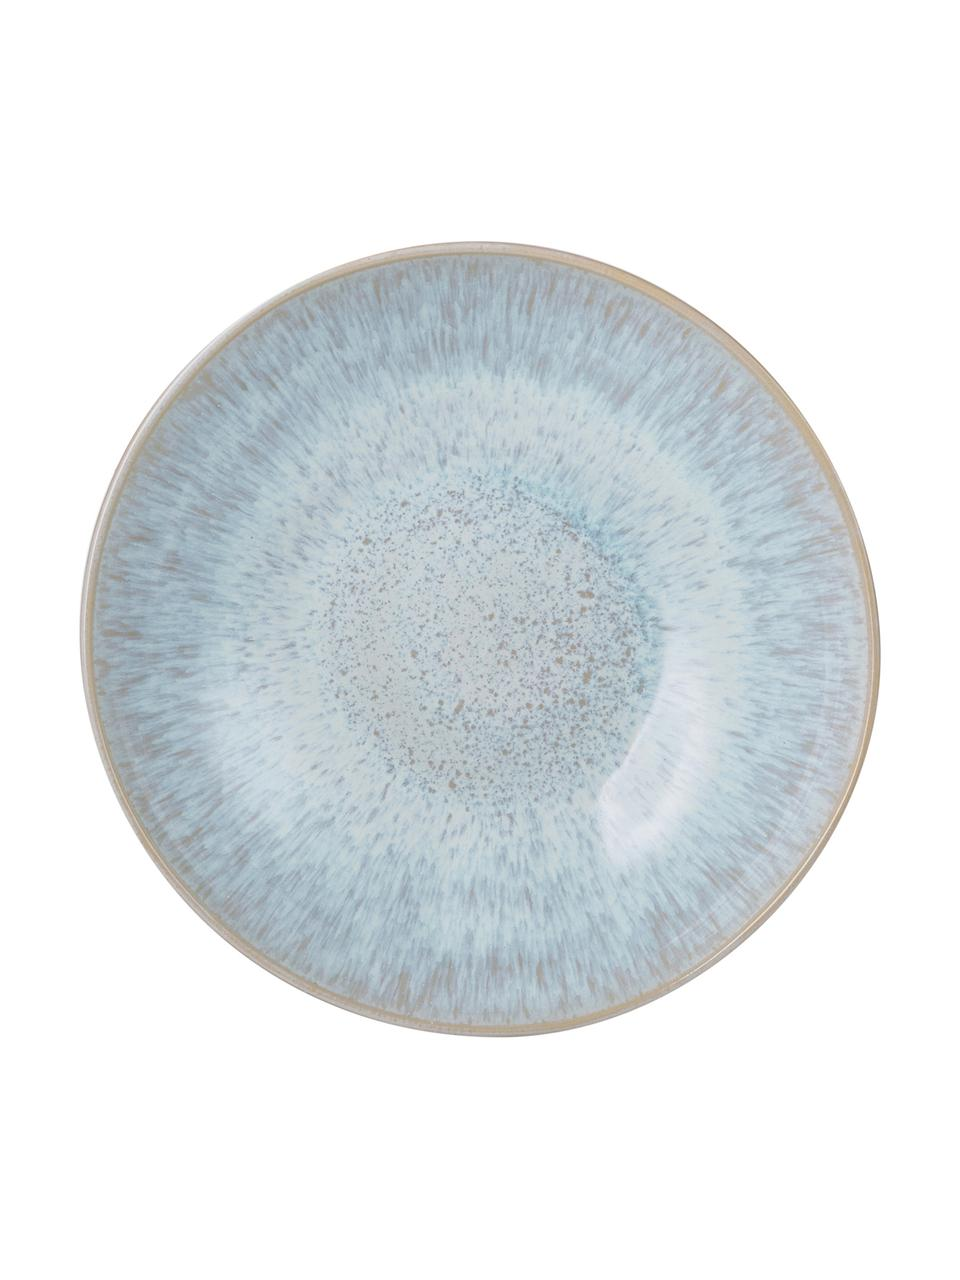 Coupe peinte à la main Areia, Bleu ciel, blanc cassé, beige clair